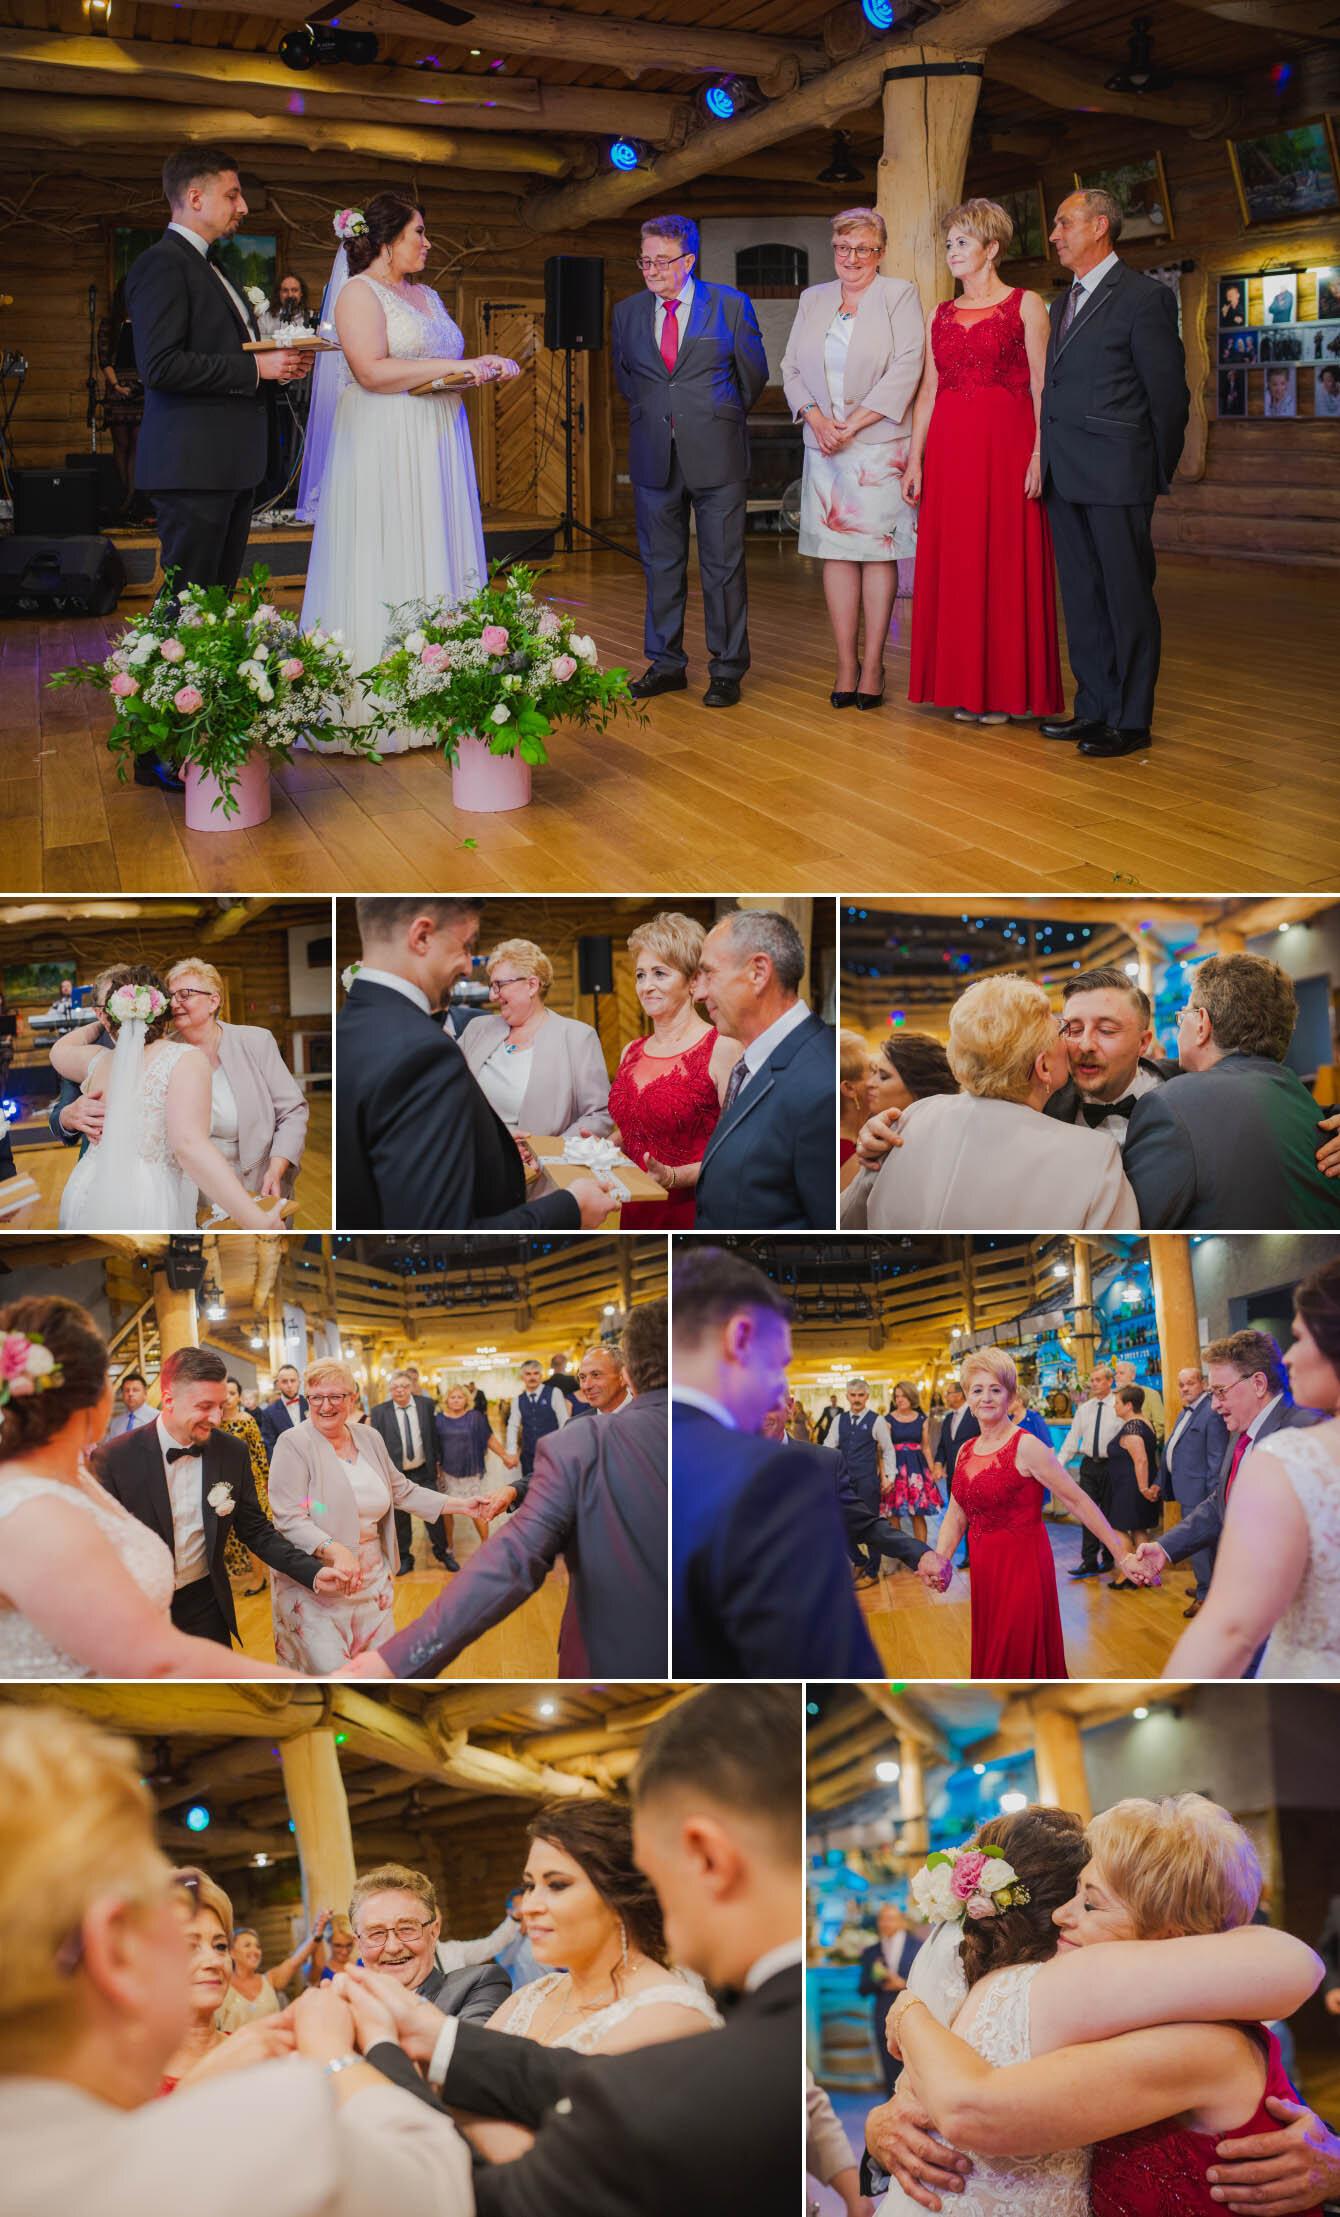 Fotografie ślubne Marka i Angeliki w domu weselnym pod Grzybkiem fotograf Bartek Wyrobek  33.jpg